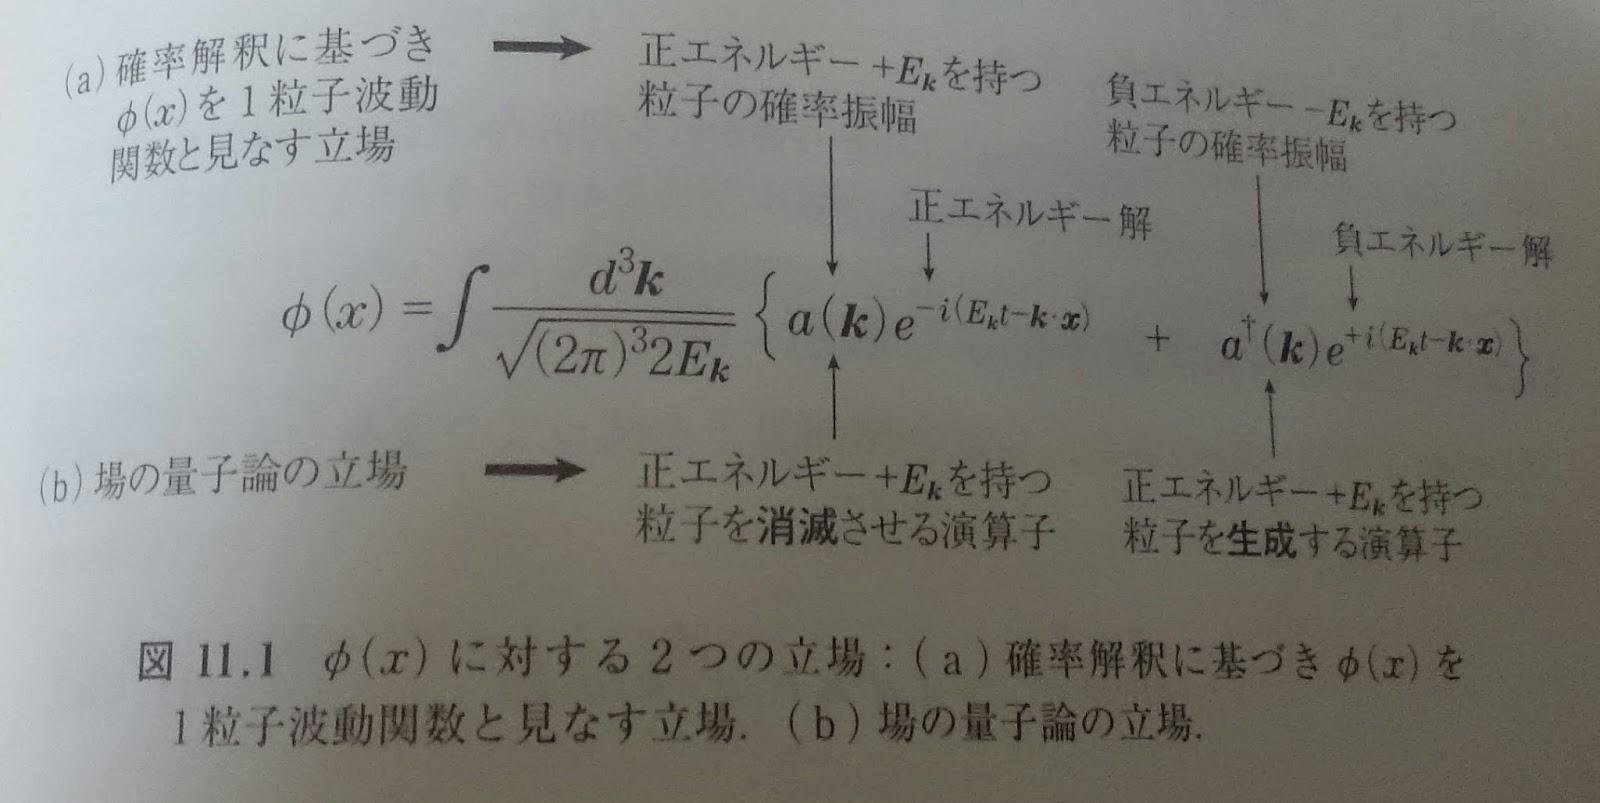 場の量子論 1 不変性と自由場を中心にして